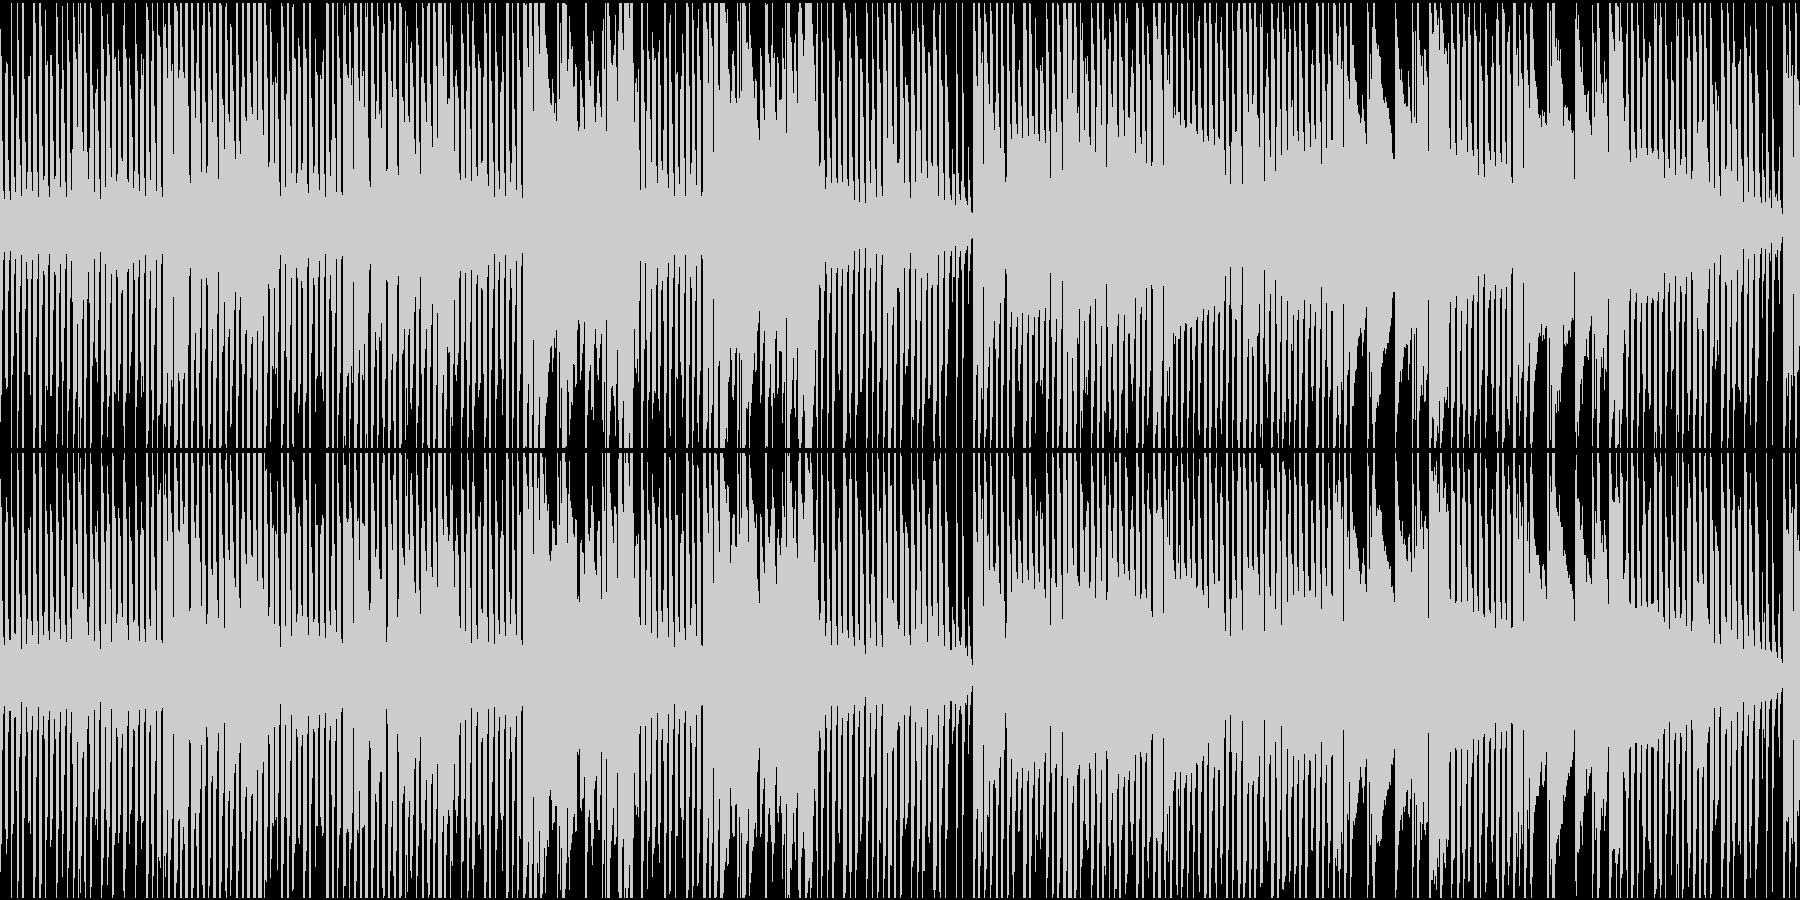 チップチューンでロックンロール風の未再生の波形